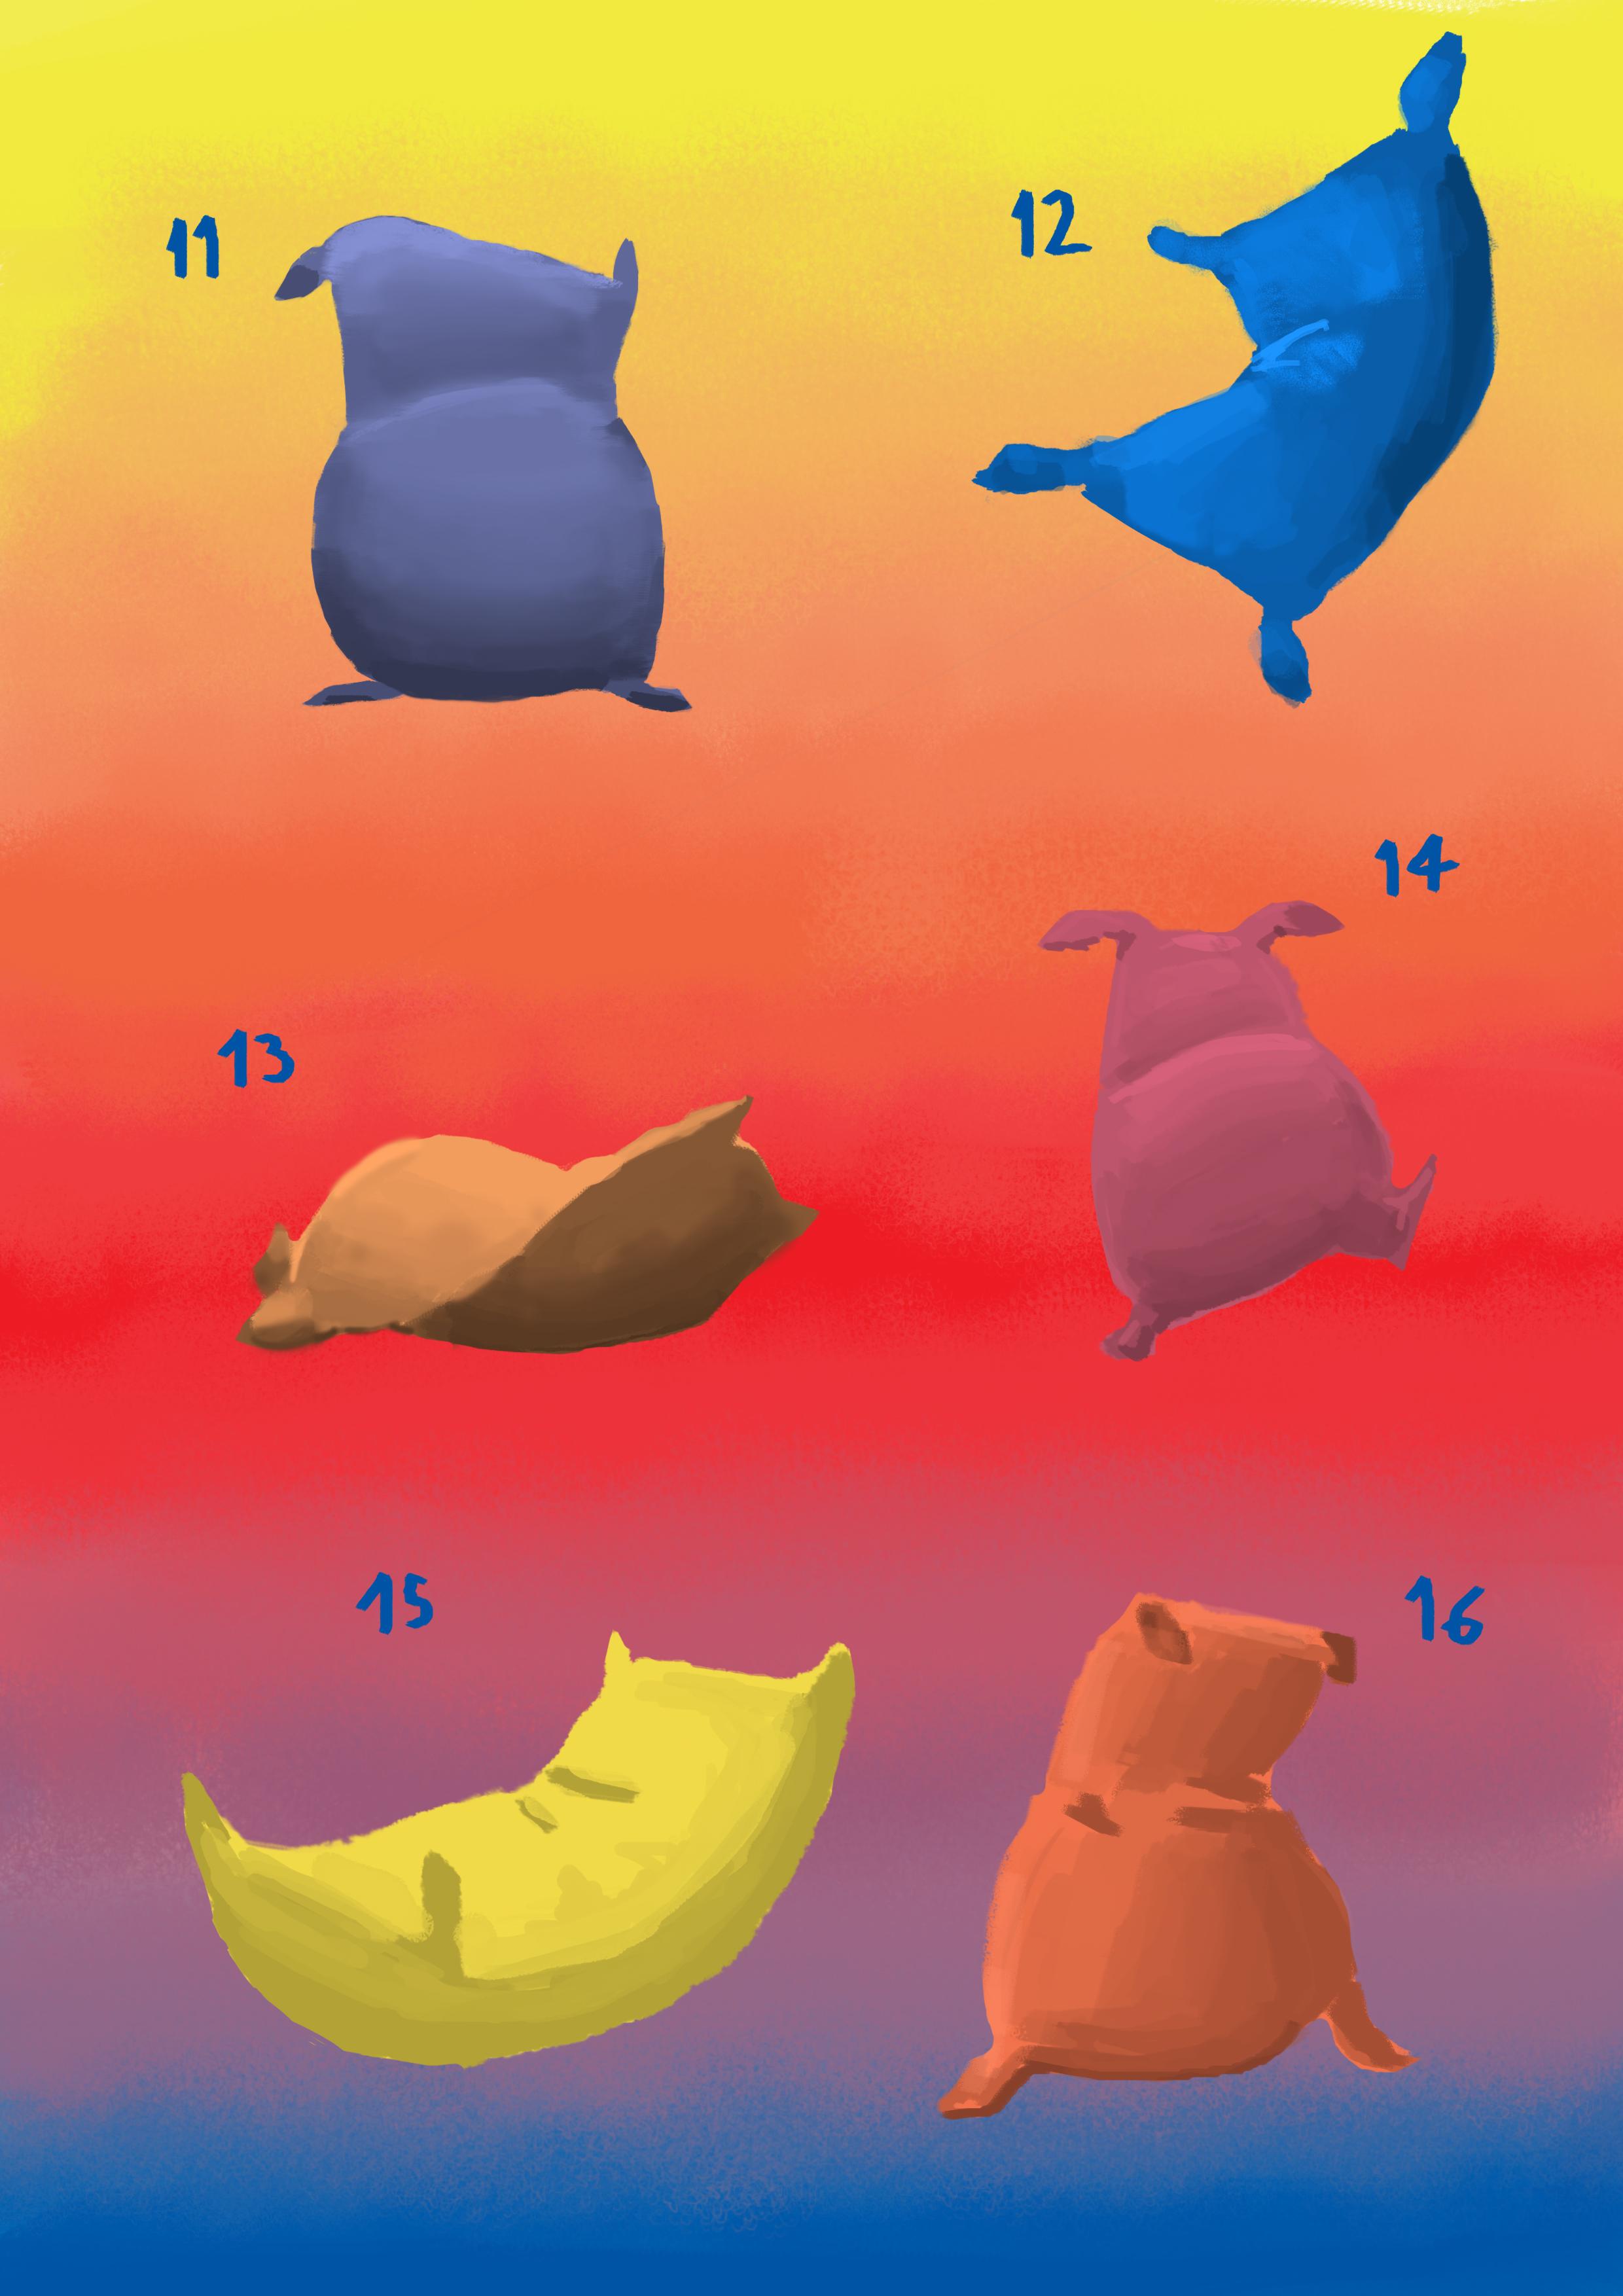 flour sacks / pillows 3